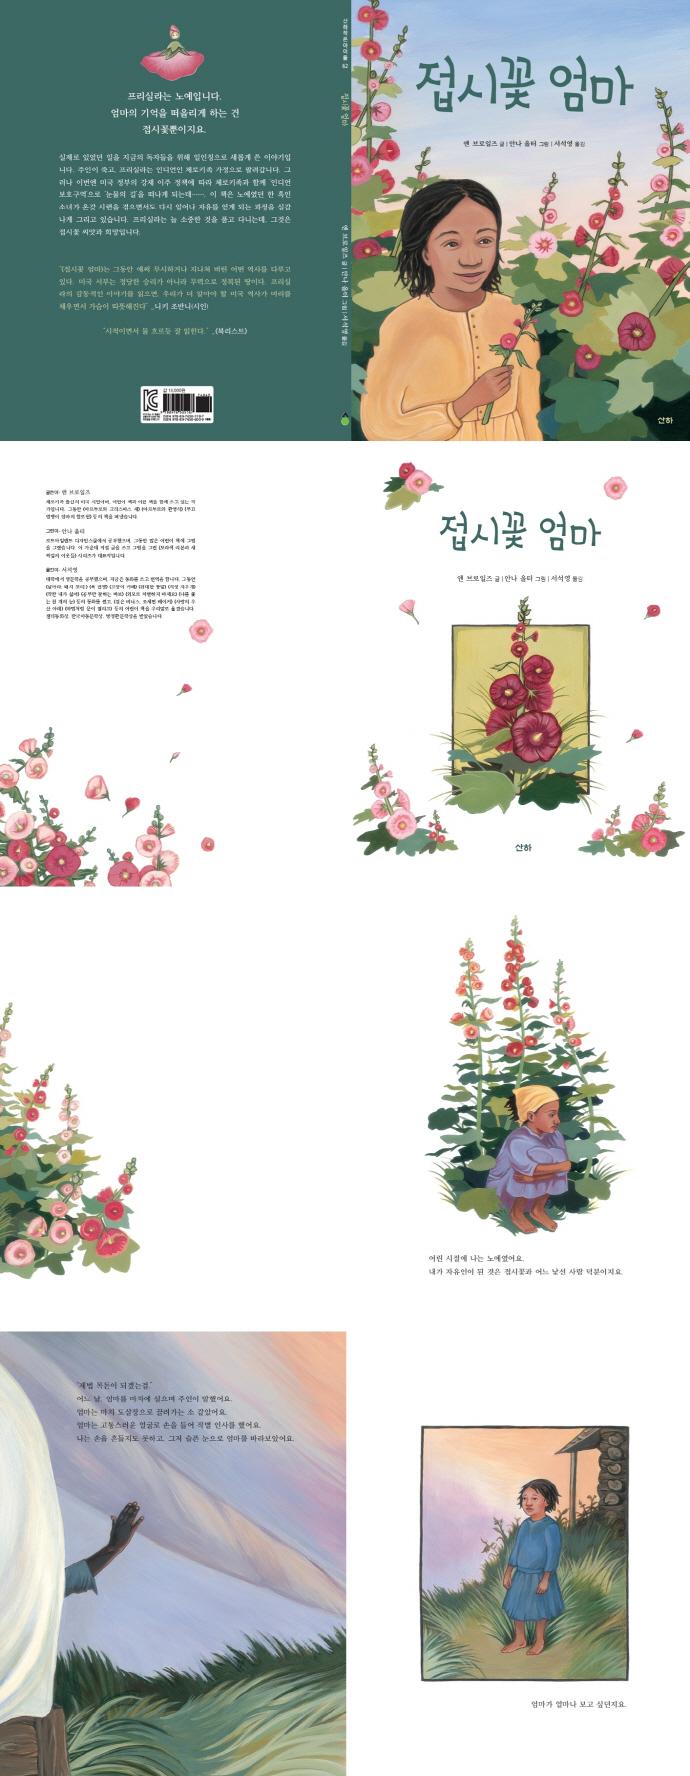 접시꽃 엄마(산하작은아이들 61)(양장본 HardCover) 도서 상세이미지